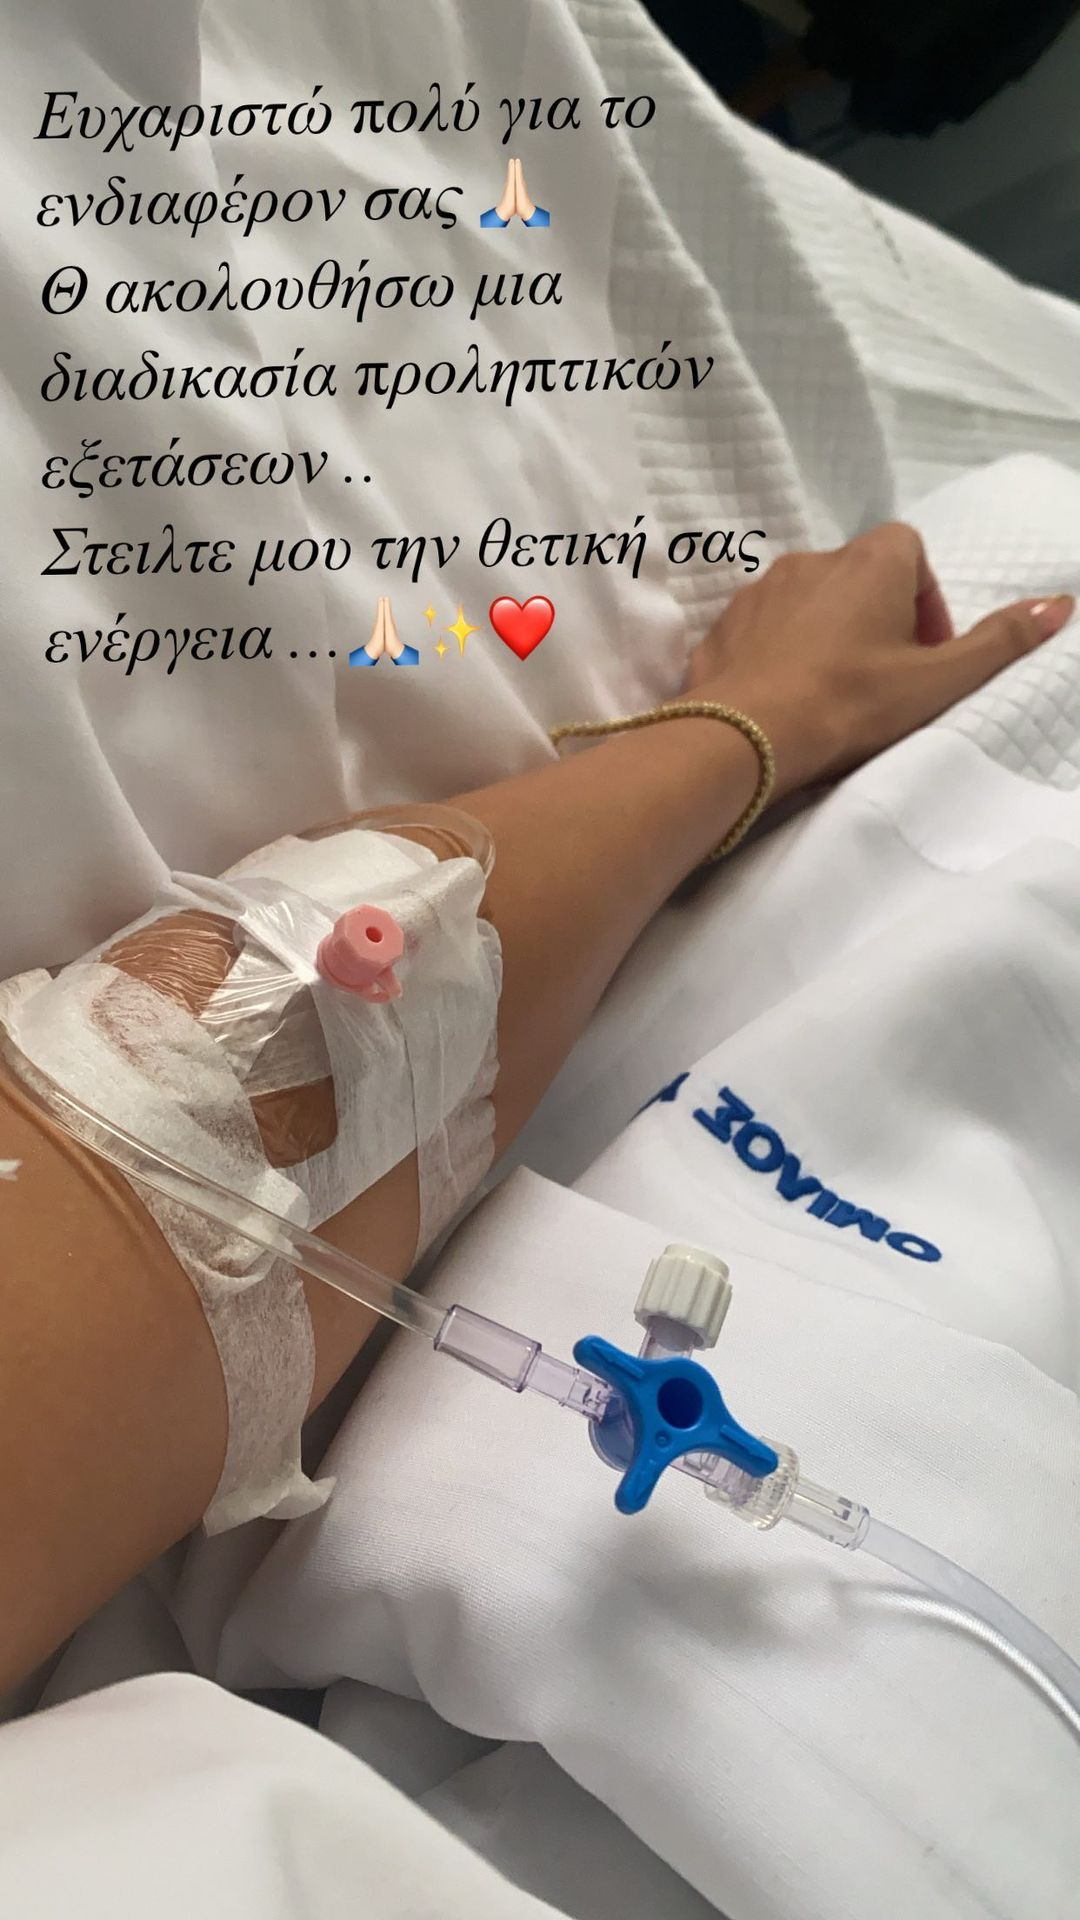 Η Κατερίνα Καινούργιου βγάζει φωτογραφία μέσα από το νοσοκομείο και ζητεί θετική ενέργεια (εικόνα)